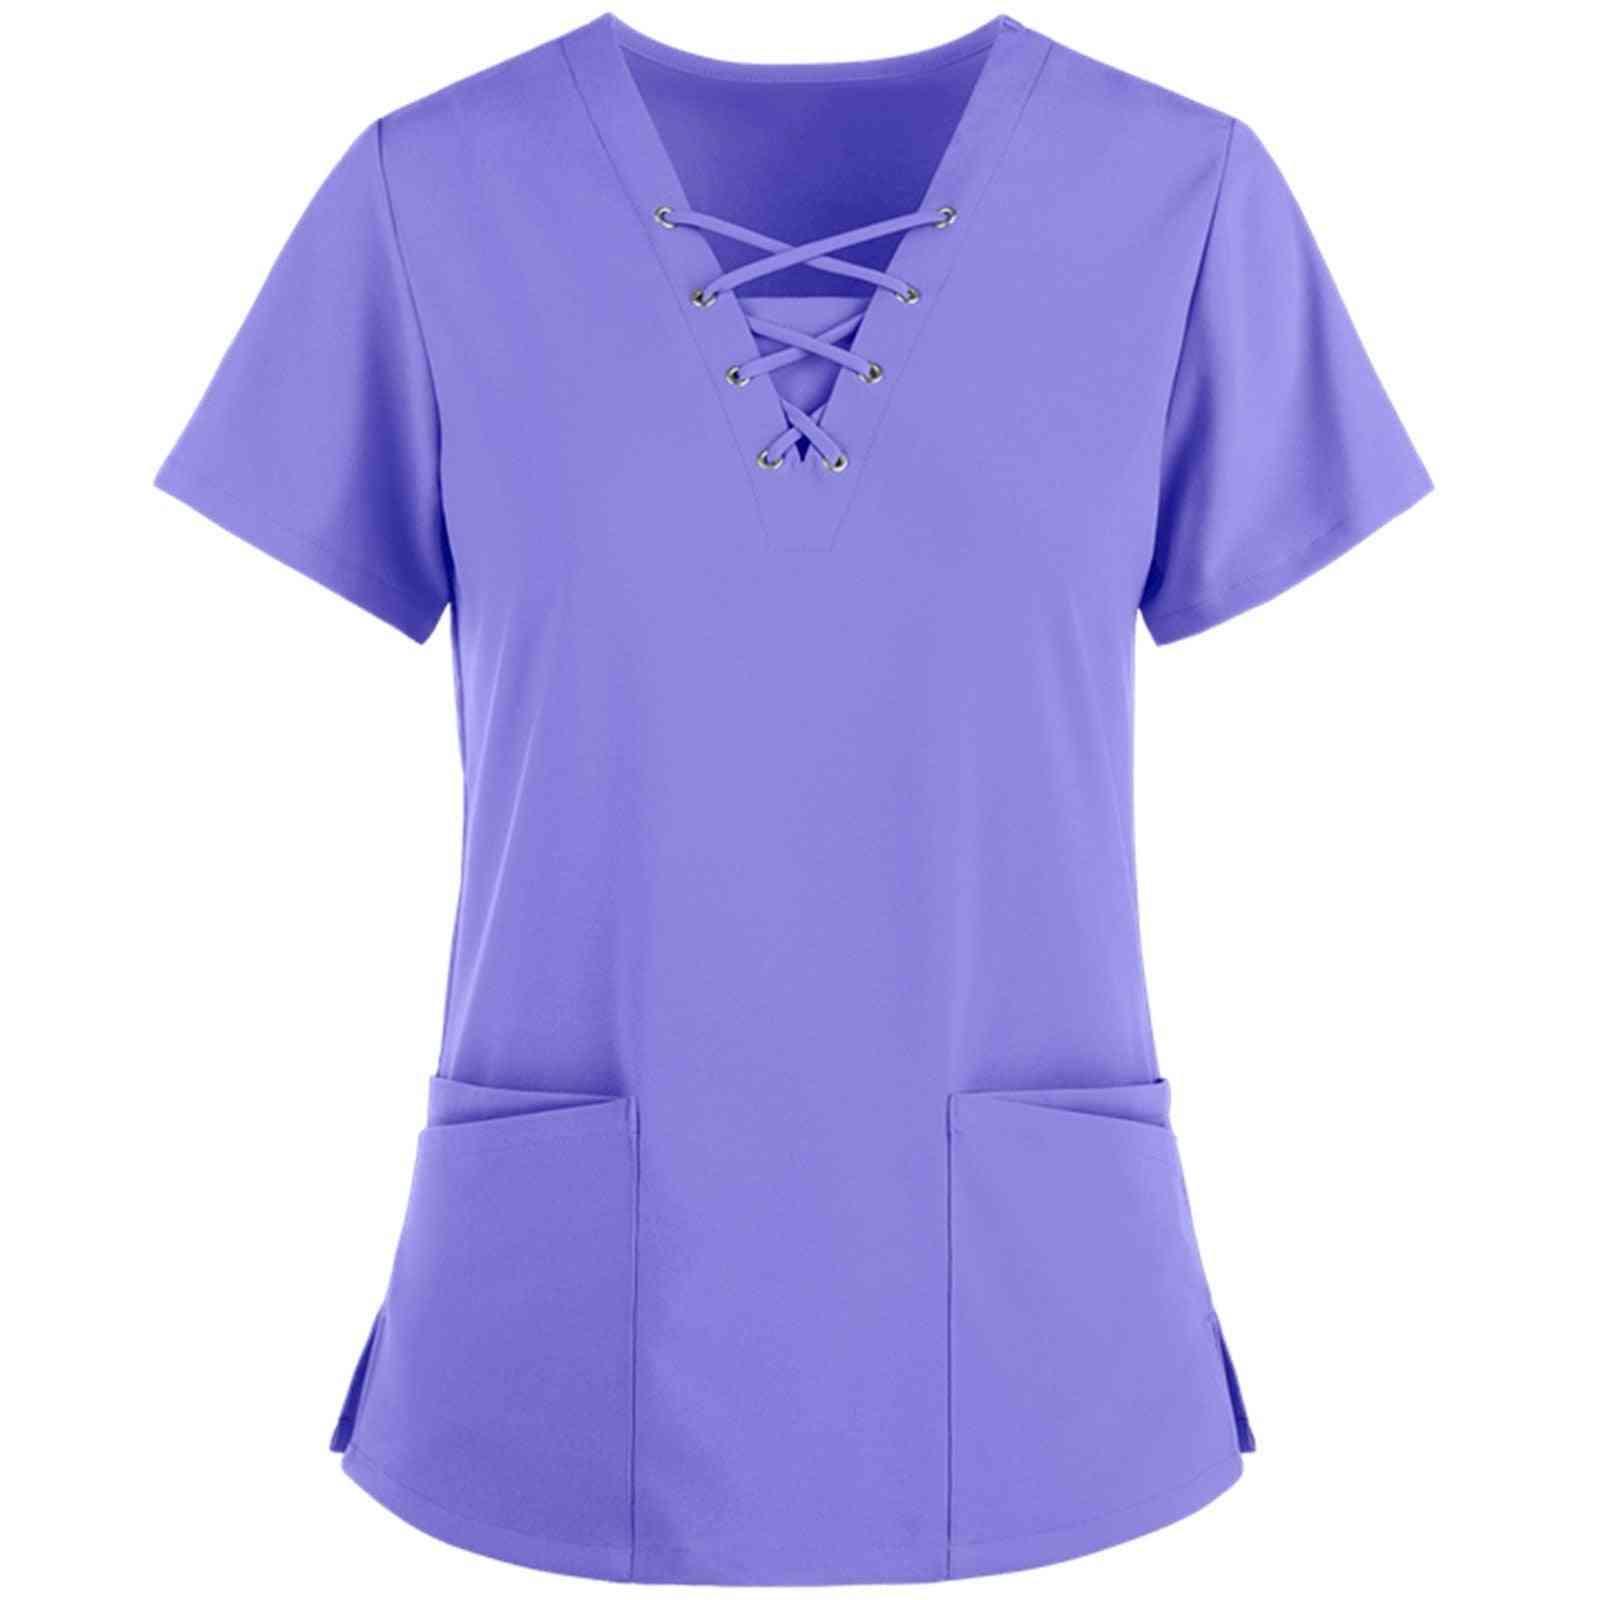 Summer Nurse Uniform Female Form Scrub Top